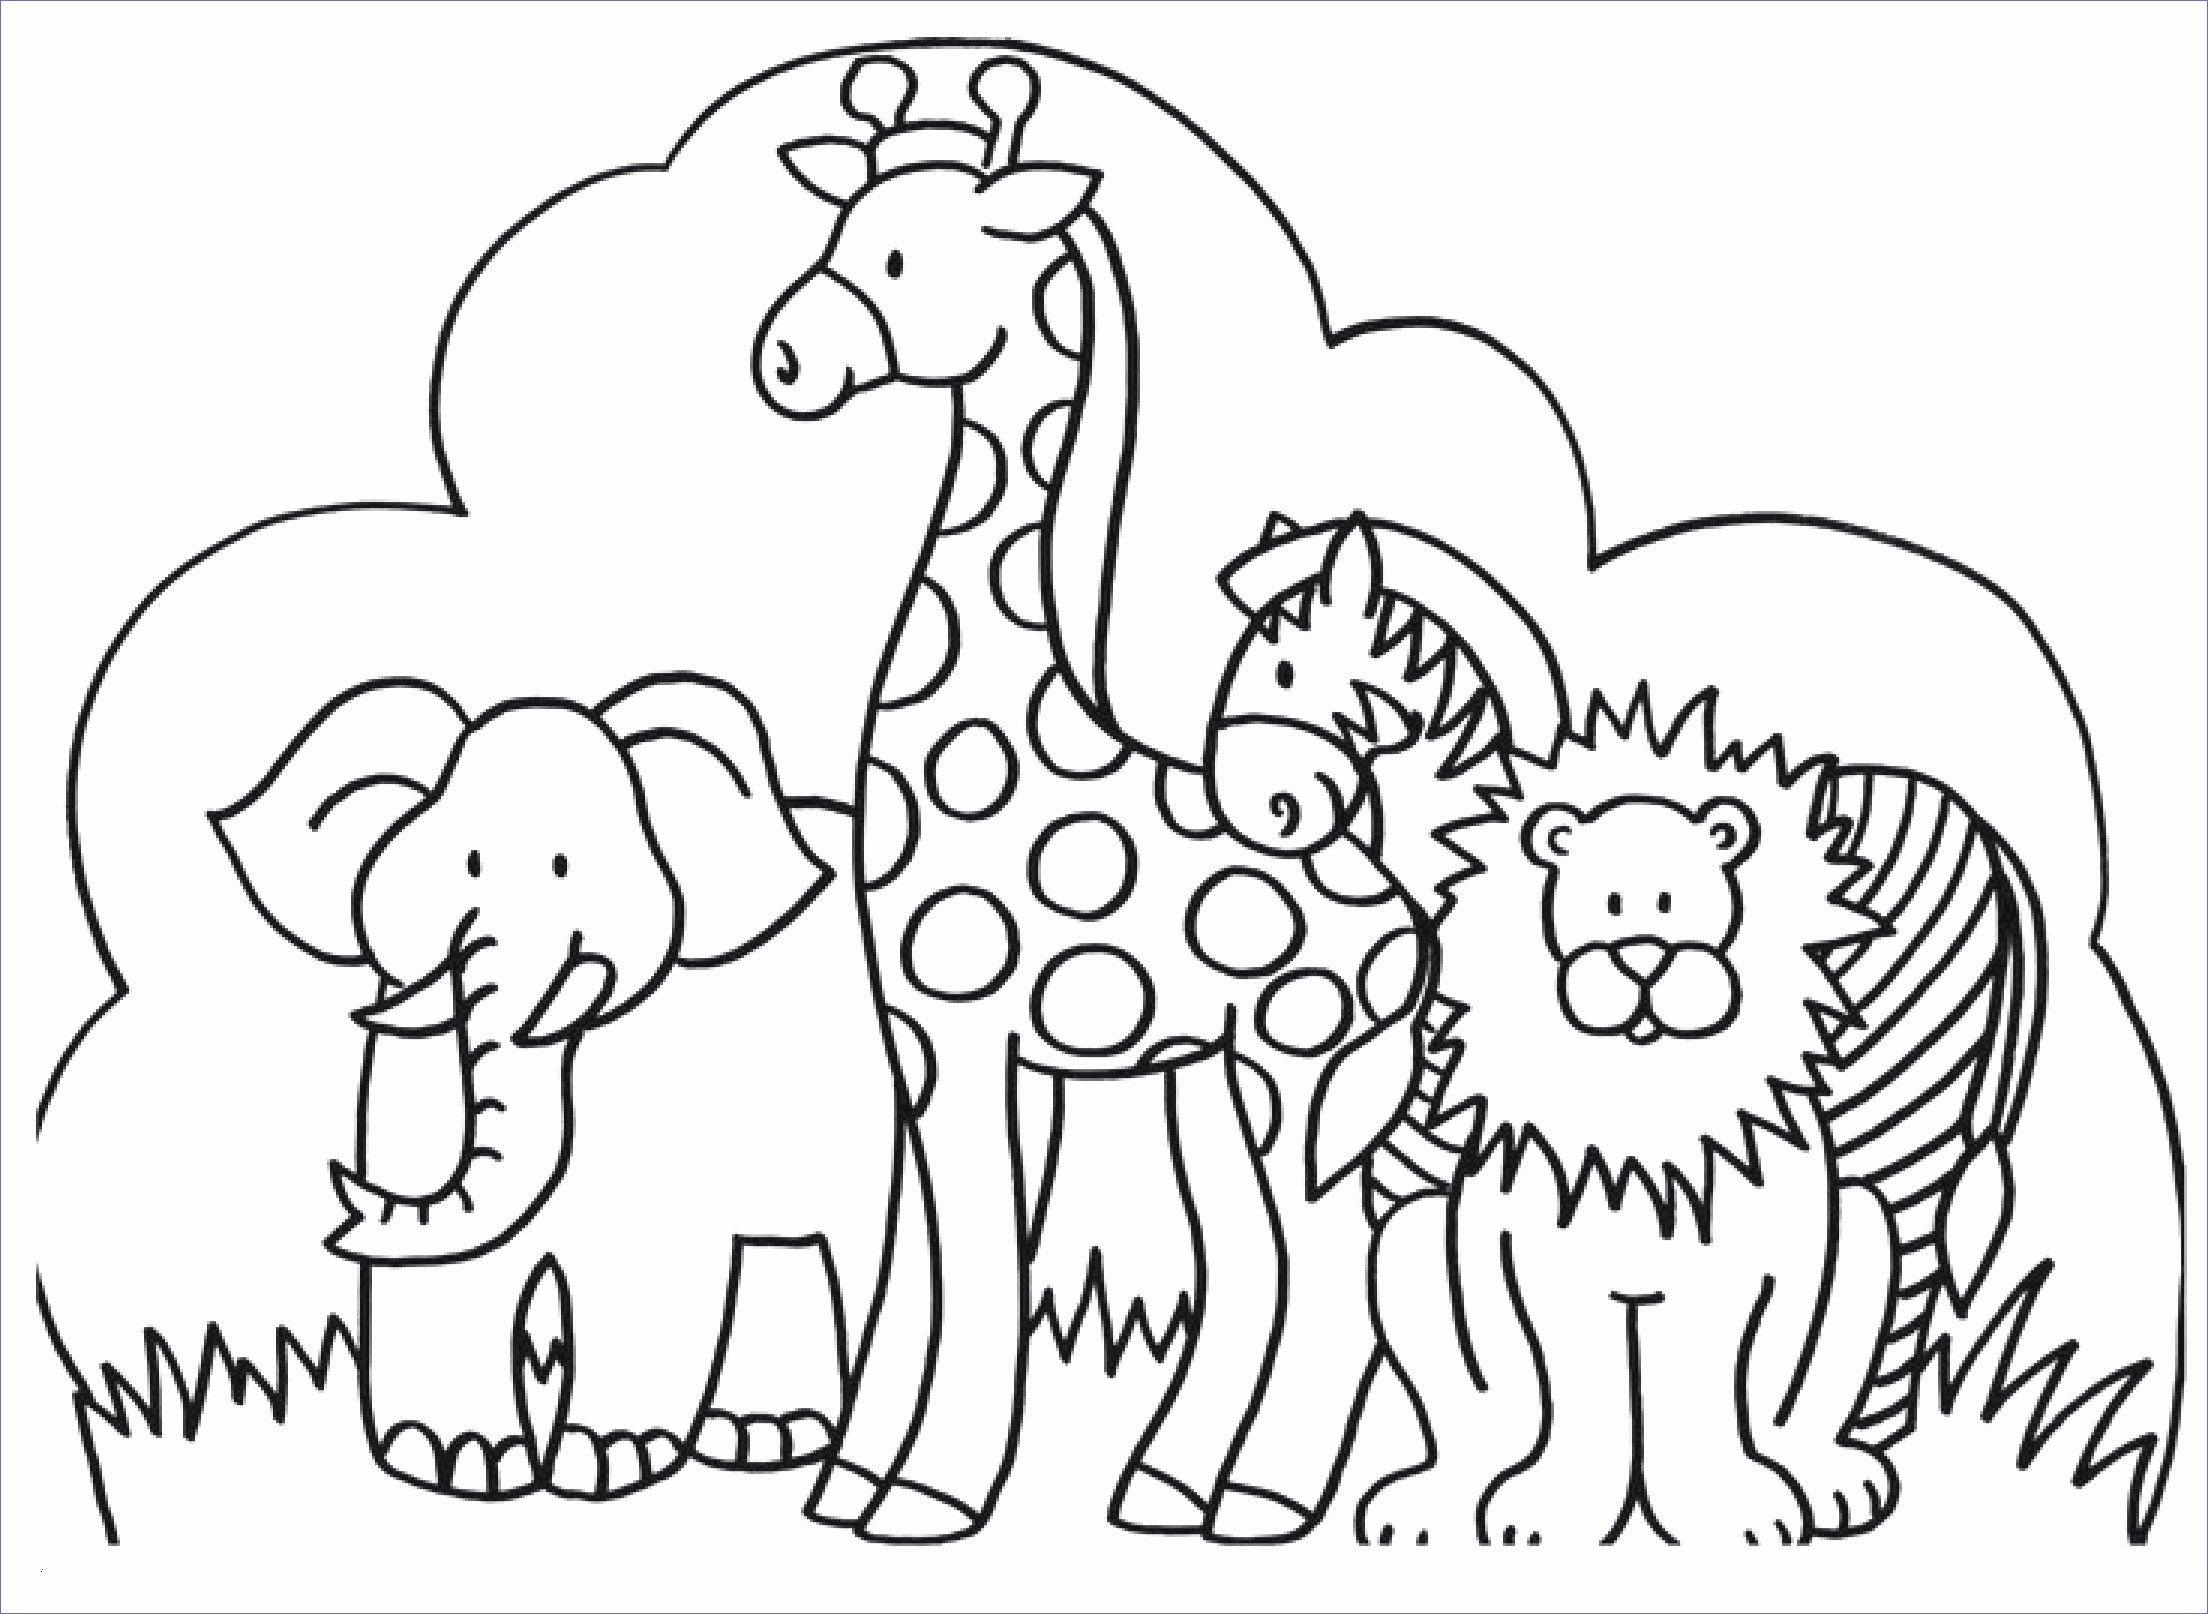 Frisch Ausmalbilder Gemusterte Tiere Malvorlagen Ausmalbilder Tiere Ausmalbilder Zum Ausdrucken